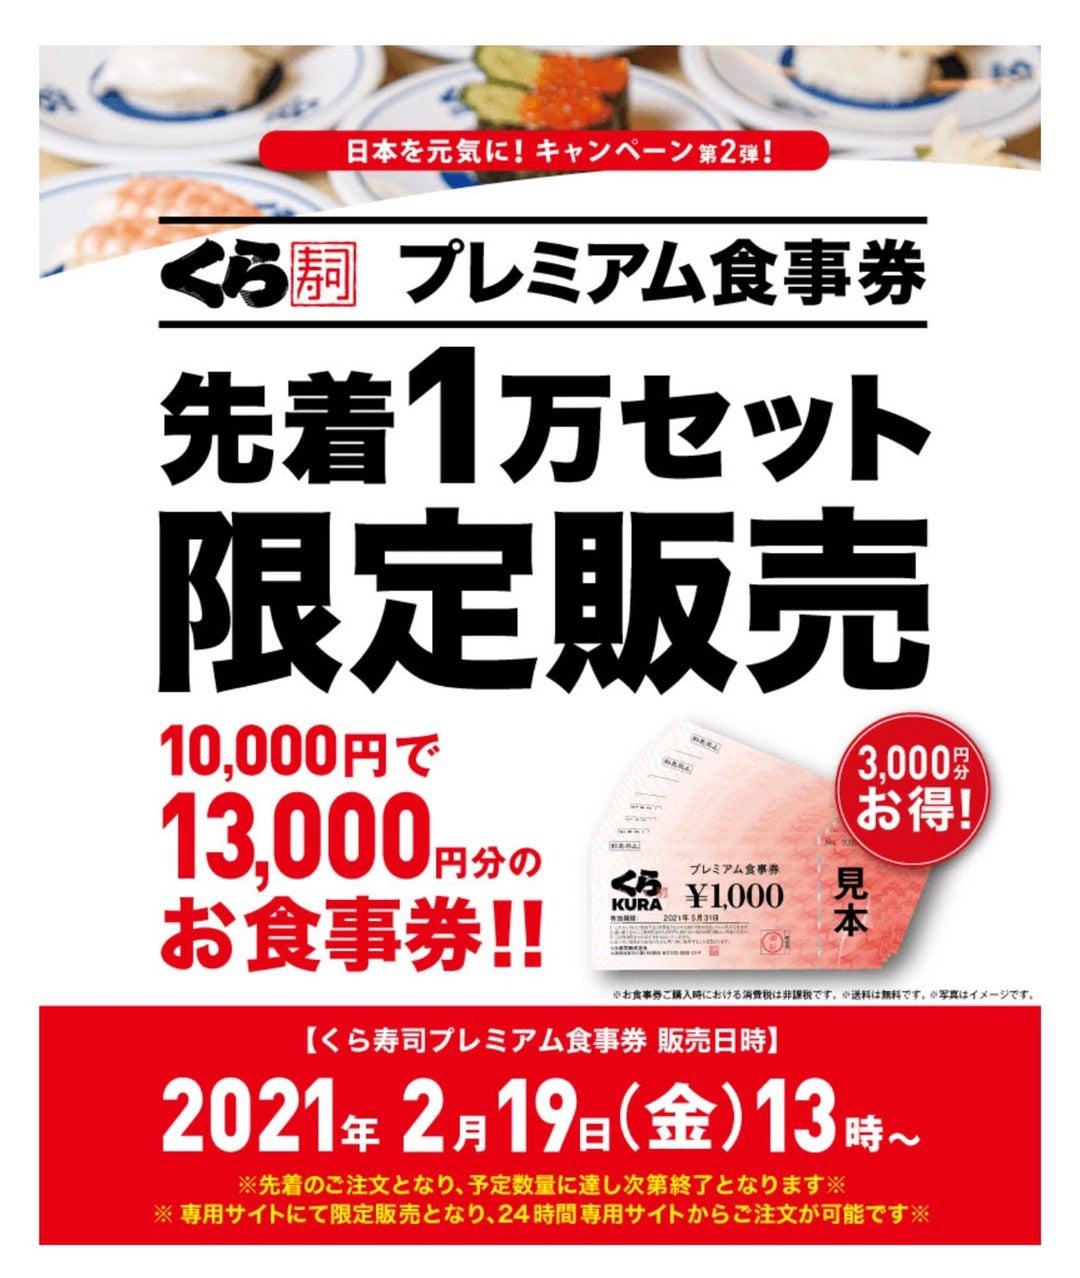 食事 くら 券 プレミアム 寿司